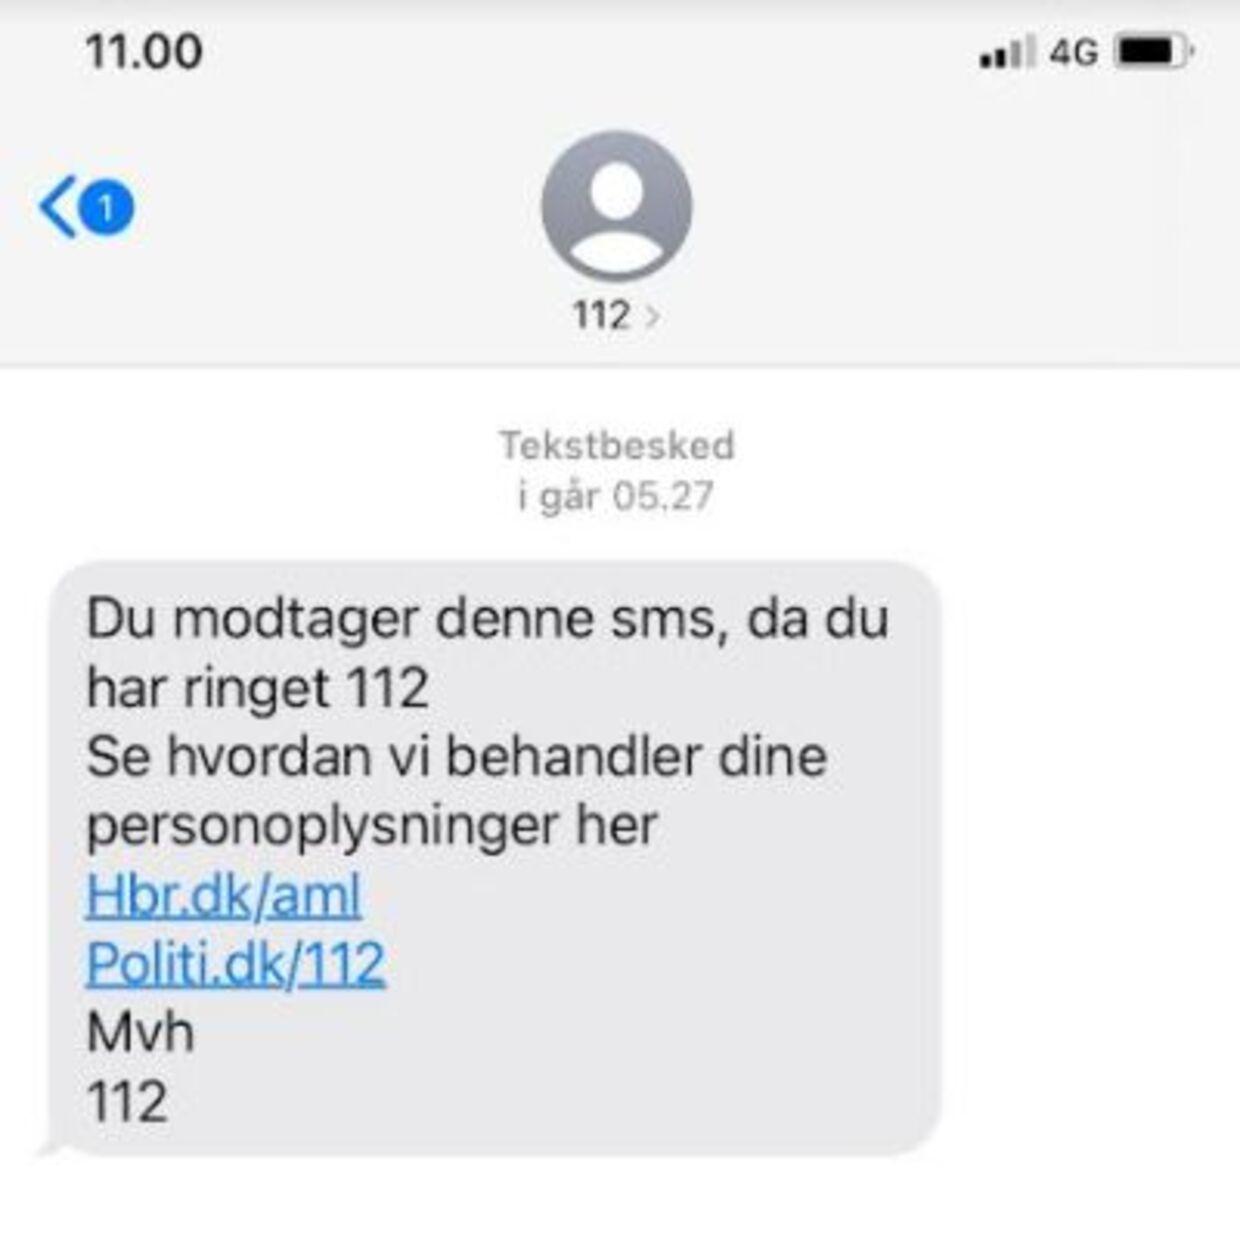 Hvis du laver et lommeopkald til sms, modtager du en sms som denne.